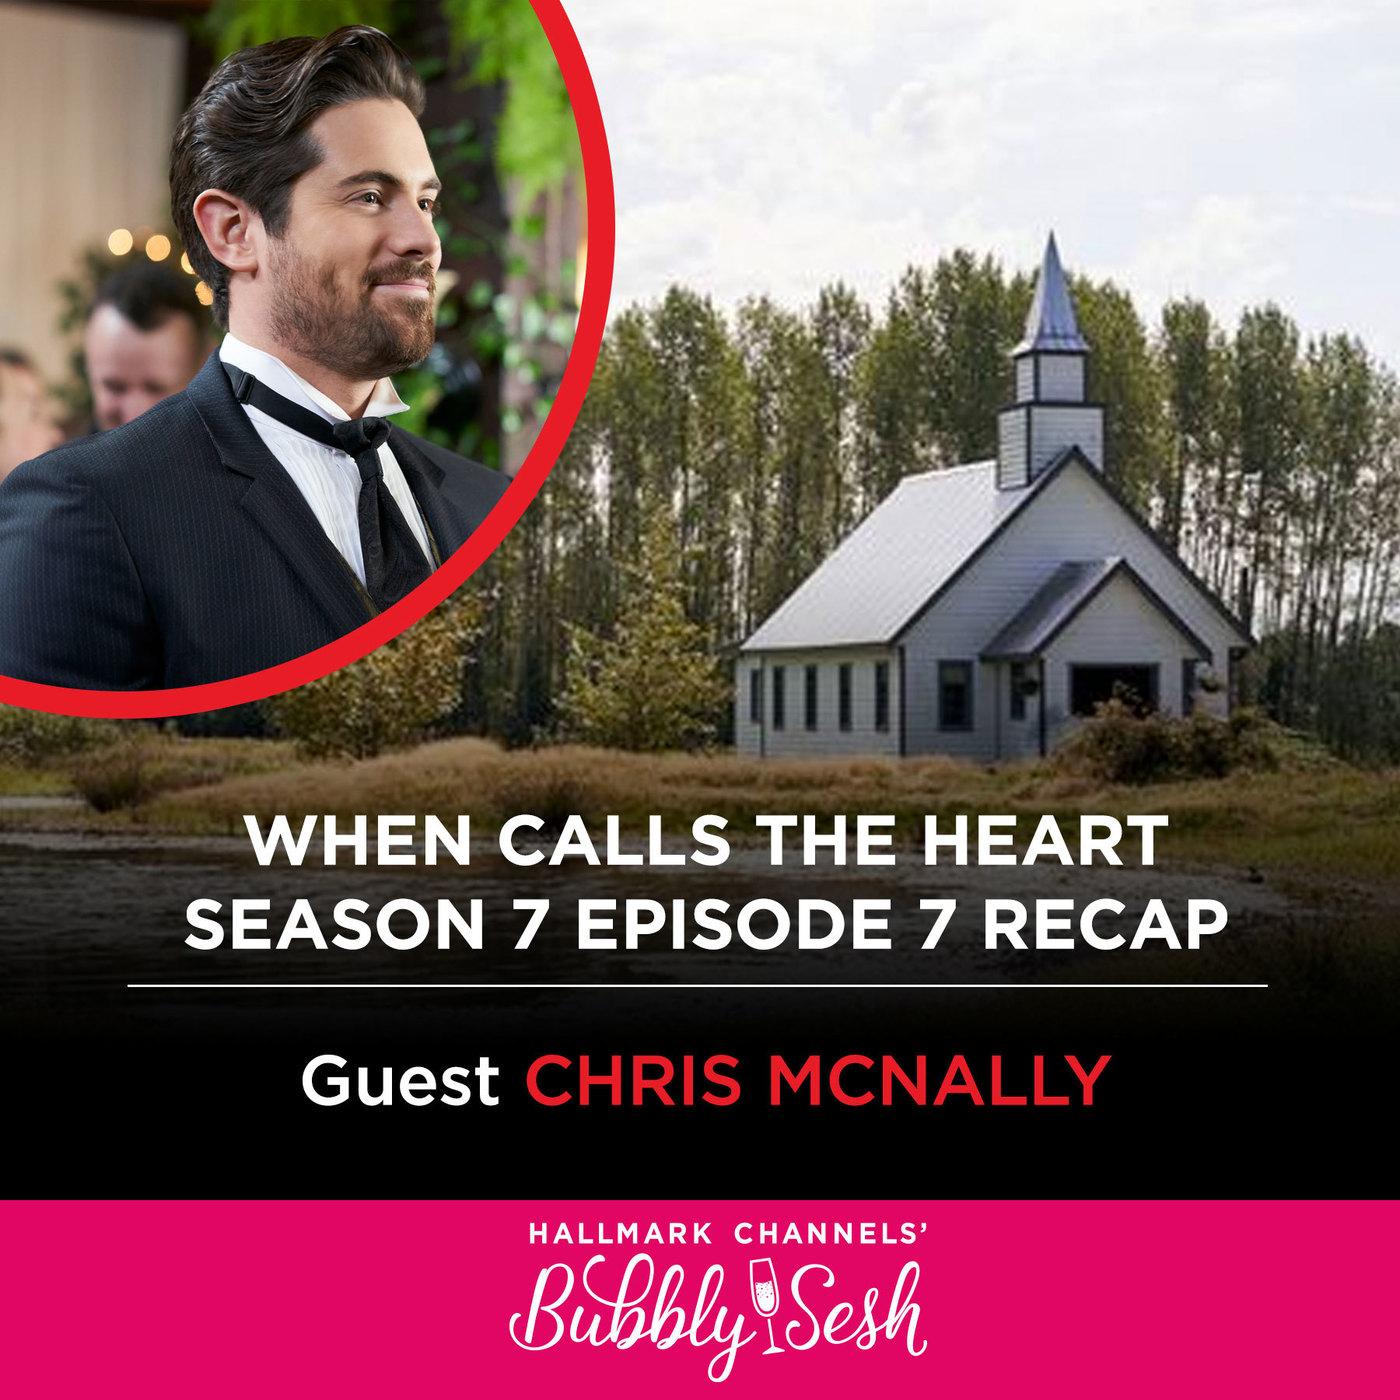 When Calls the Heart Season 7 Episode 7 Recap with Guest Chris McNally